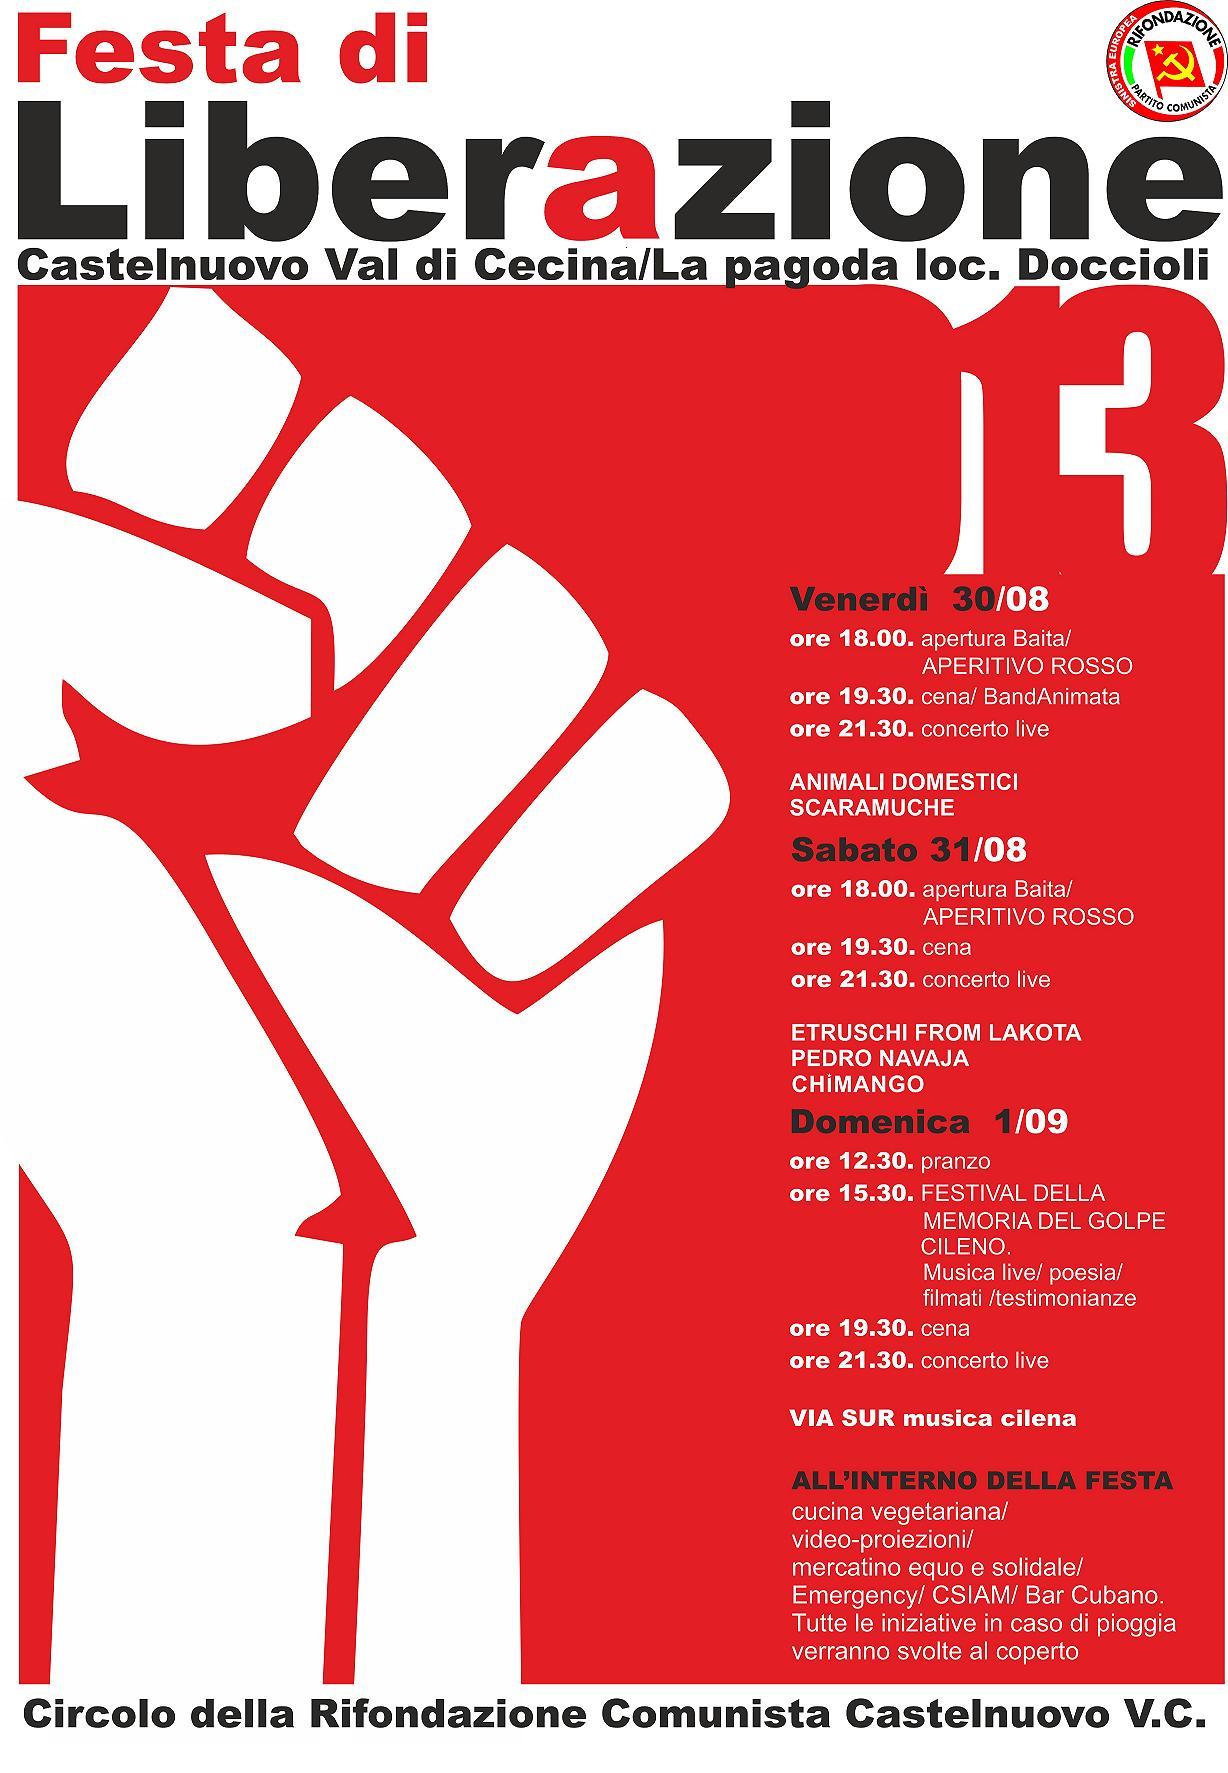 festa-di-liberazione-2013-12